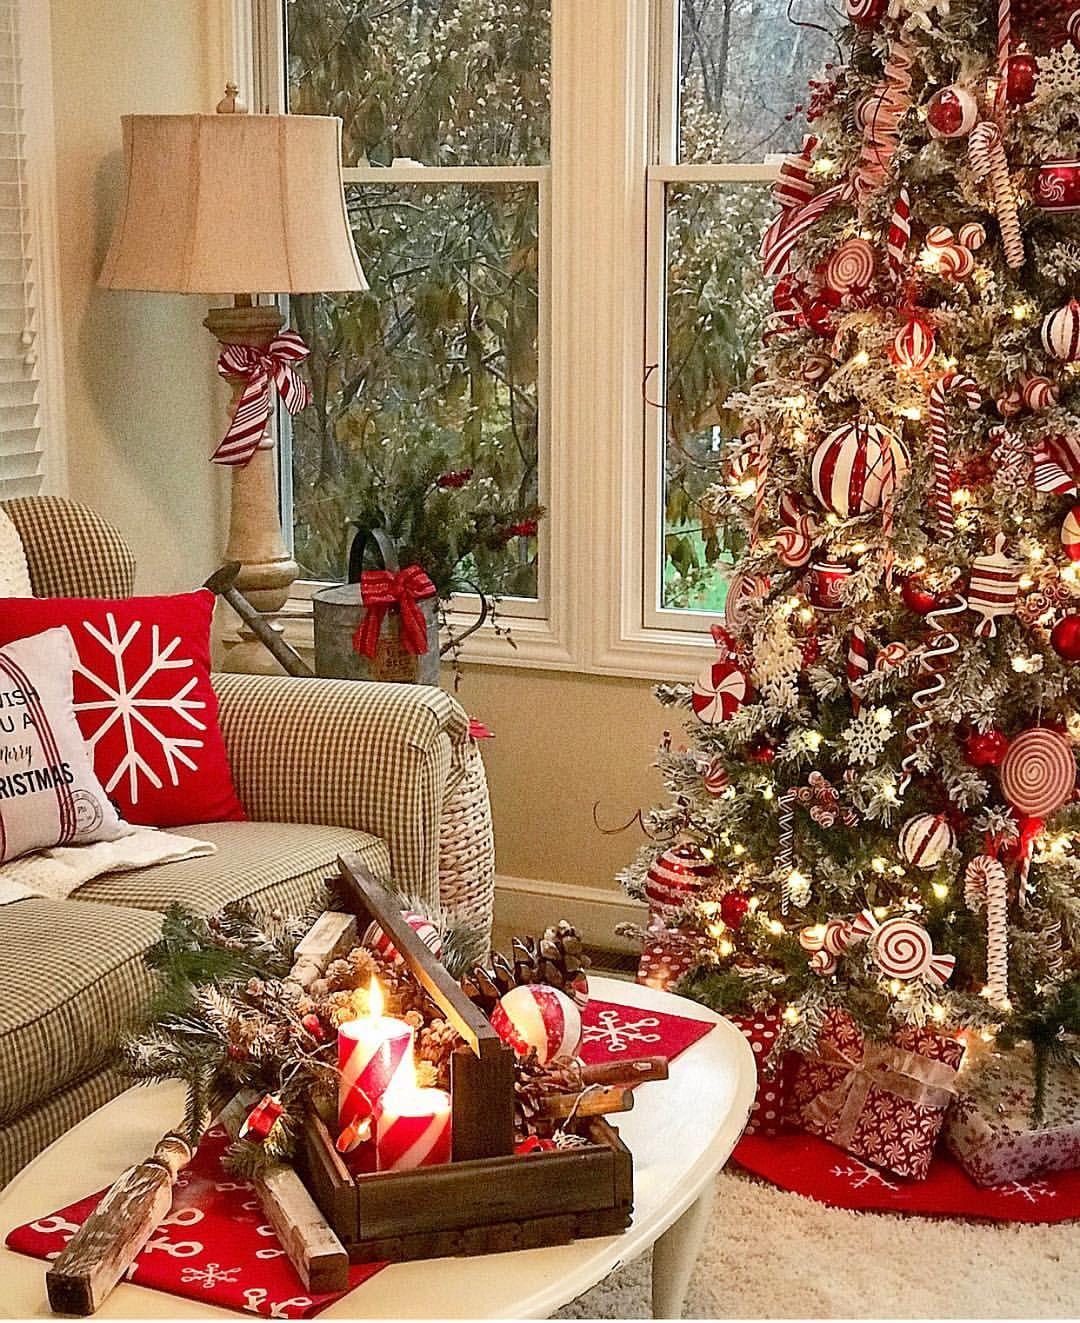 Decoration De Noel Salon Inspiration De Decorations Et D Amenagement Interieur De Noel Noel H Christmas Room Fun Christmas Decorations Christmas Home